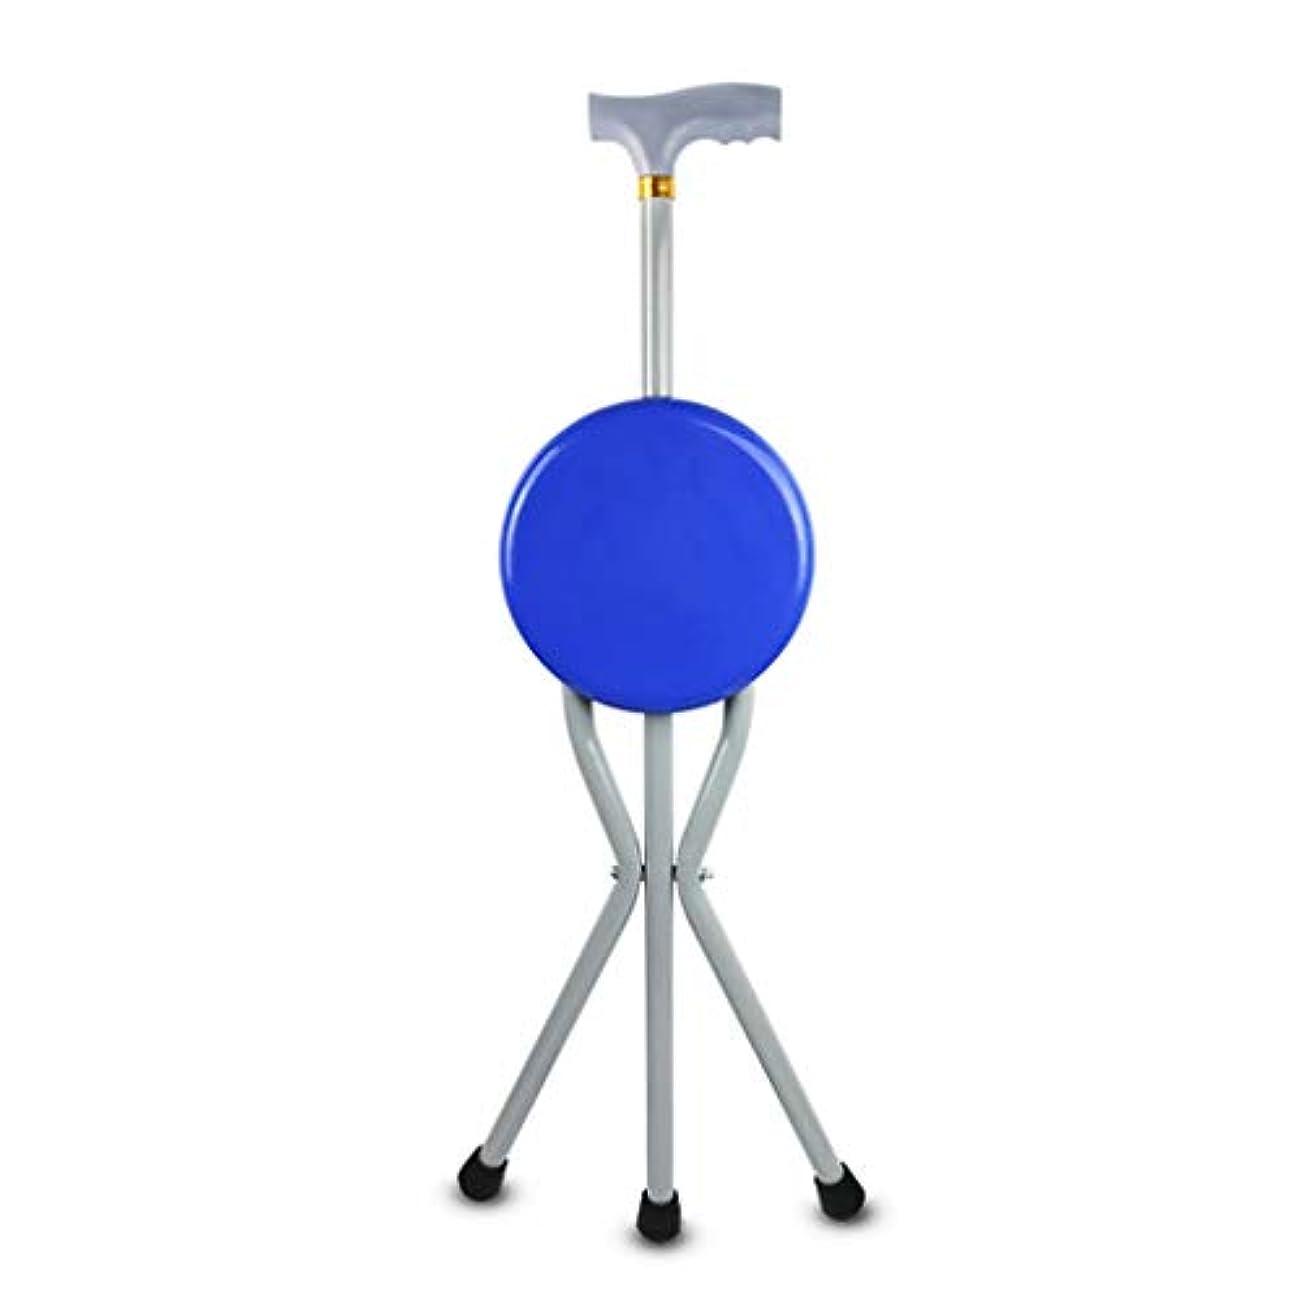 平等一過性国歌男性/女性シニアのための人間工学的のハンドルが付いている頑丈な杖の座席杖椅子のスツール滑り止めの基盤が付いている移動性の杖最大100kg